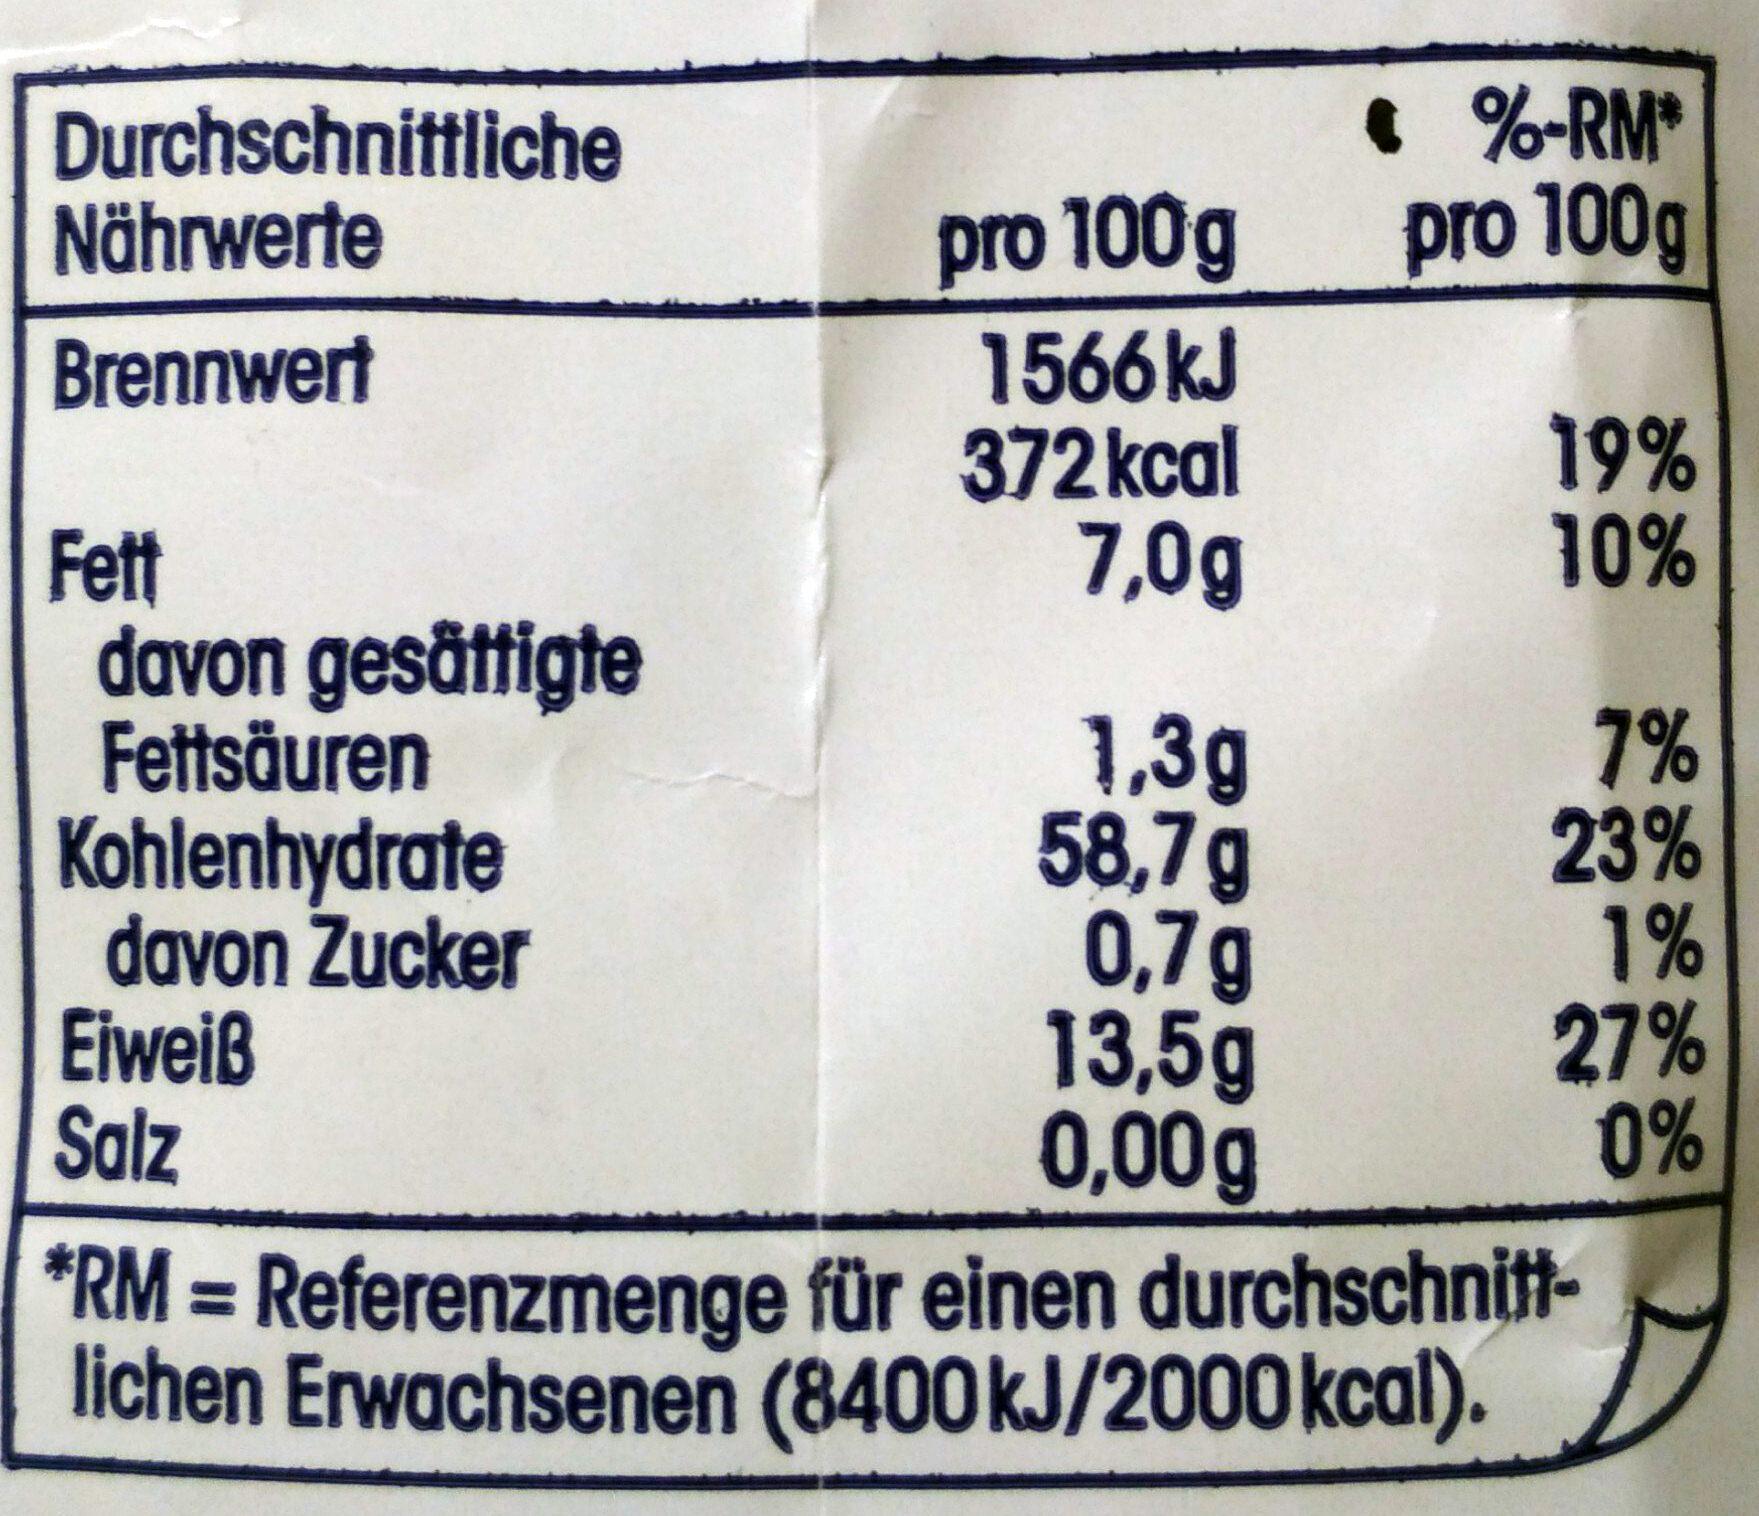 Kernige Haferflocken - Nutrition facts - de